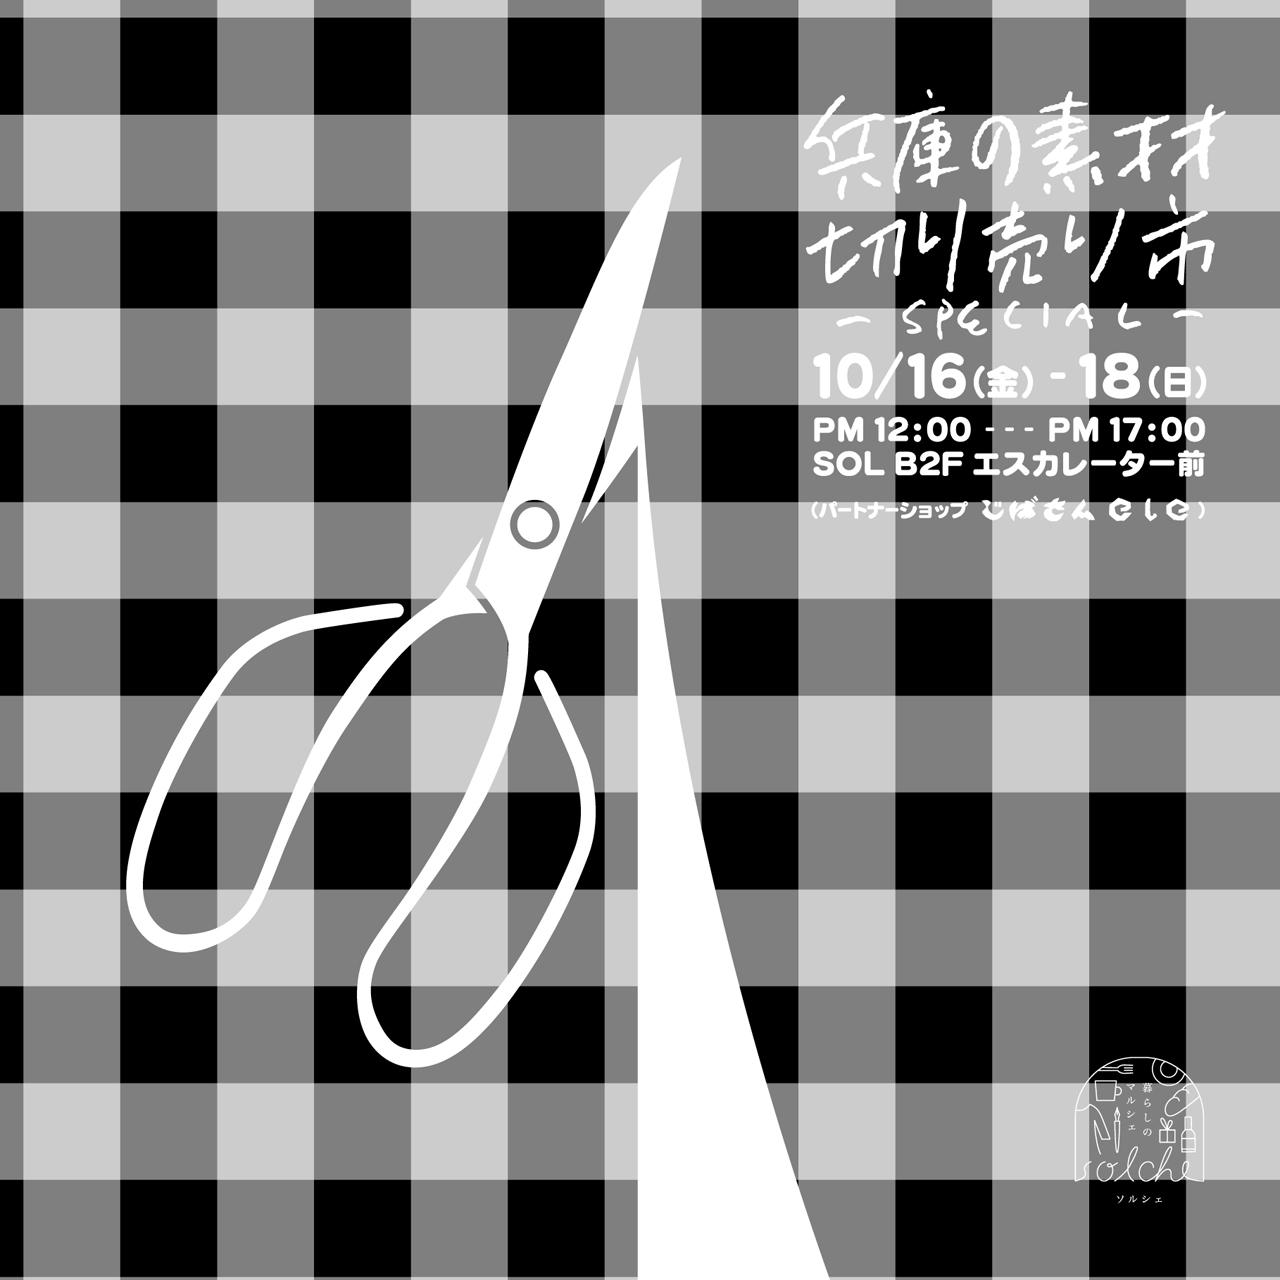 毎月恒例、10月の「播州織切り売り市」は特別企画_e0295731_11203452.jpg